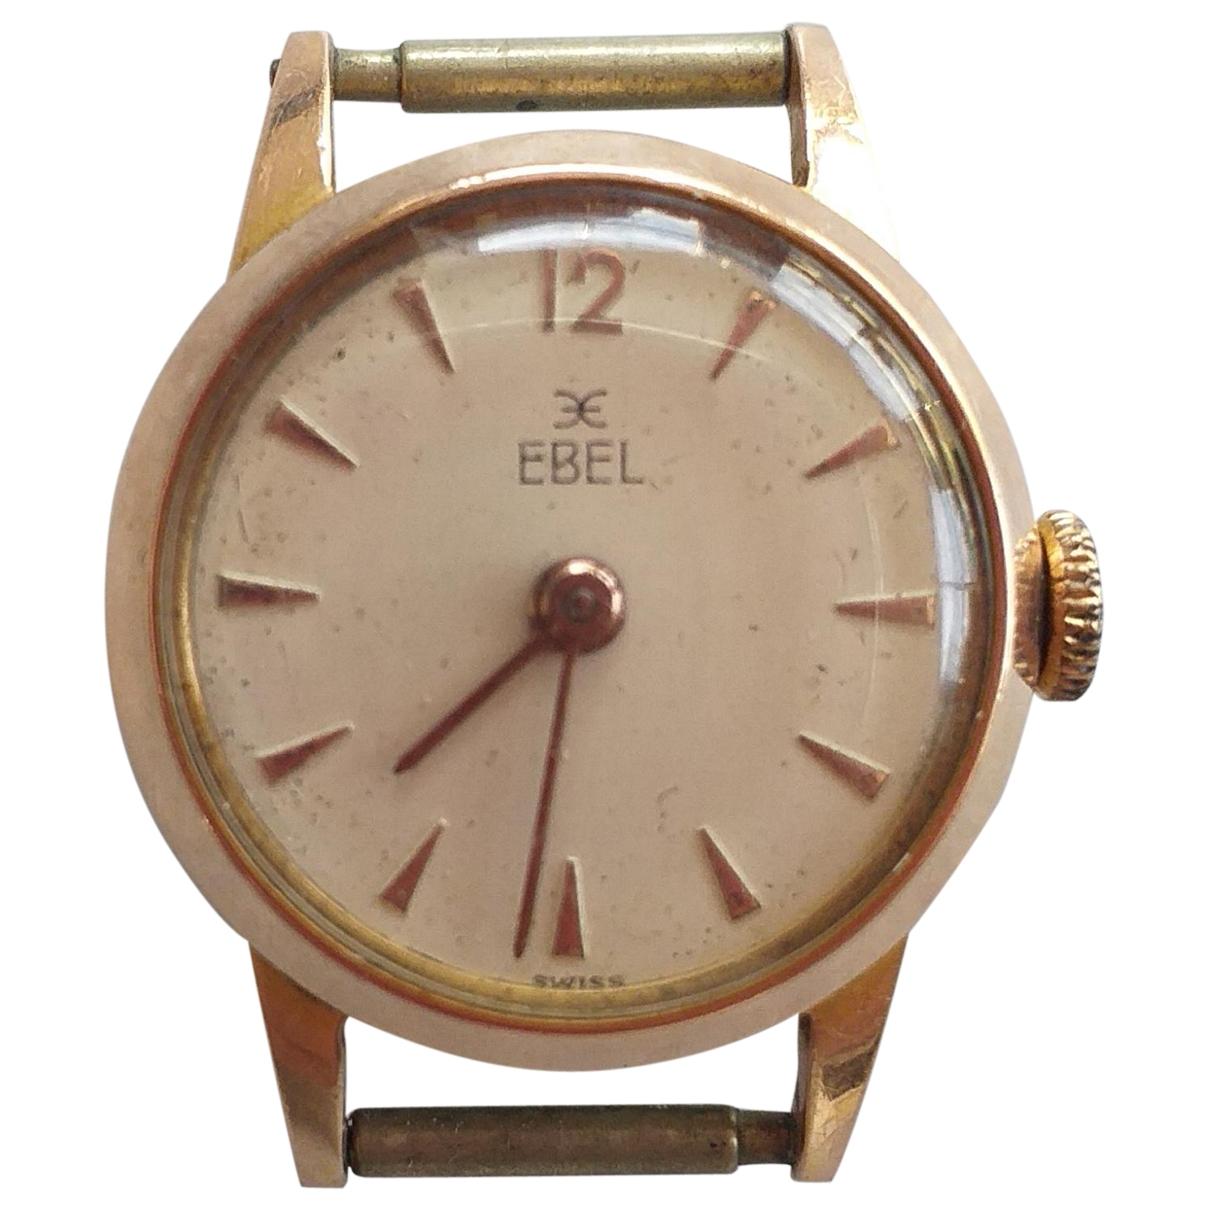 Ebel \N Uhr in  Gold Vergoldet